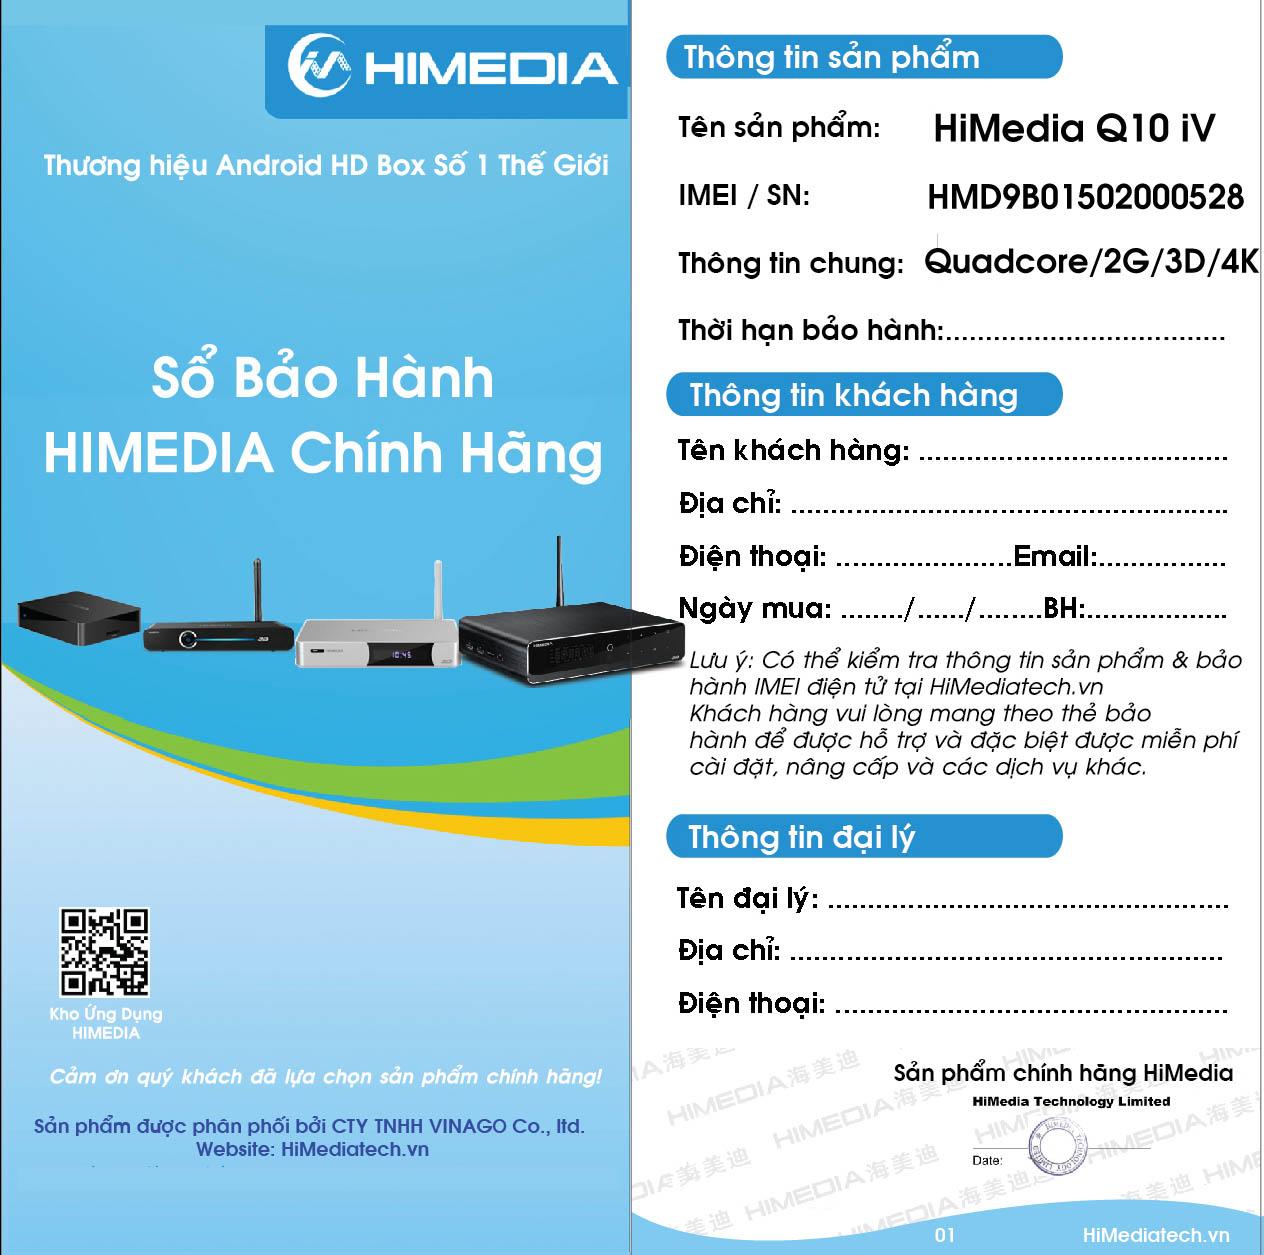 Sổ bảo hành Android TV Box Himedia Q10